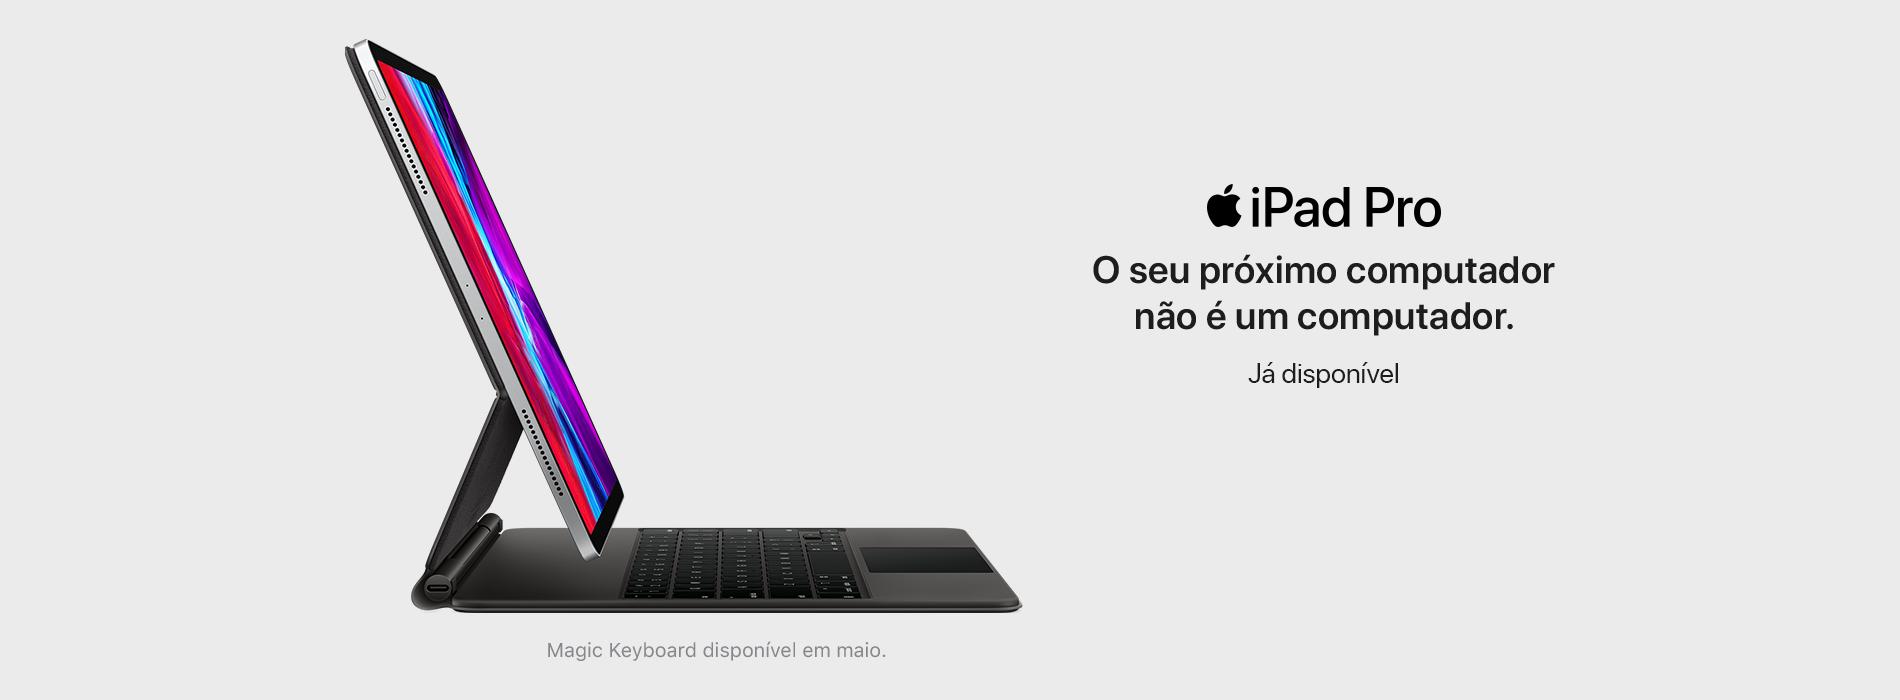 Category iPad - NPI iPad Pro